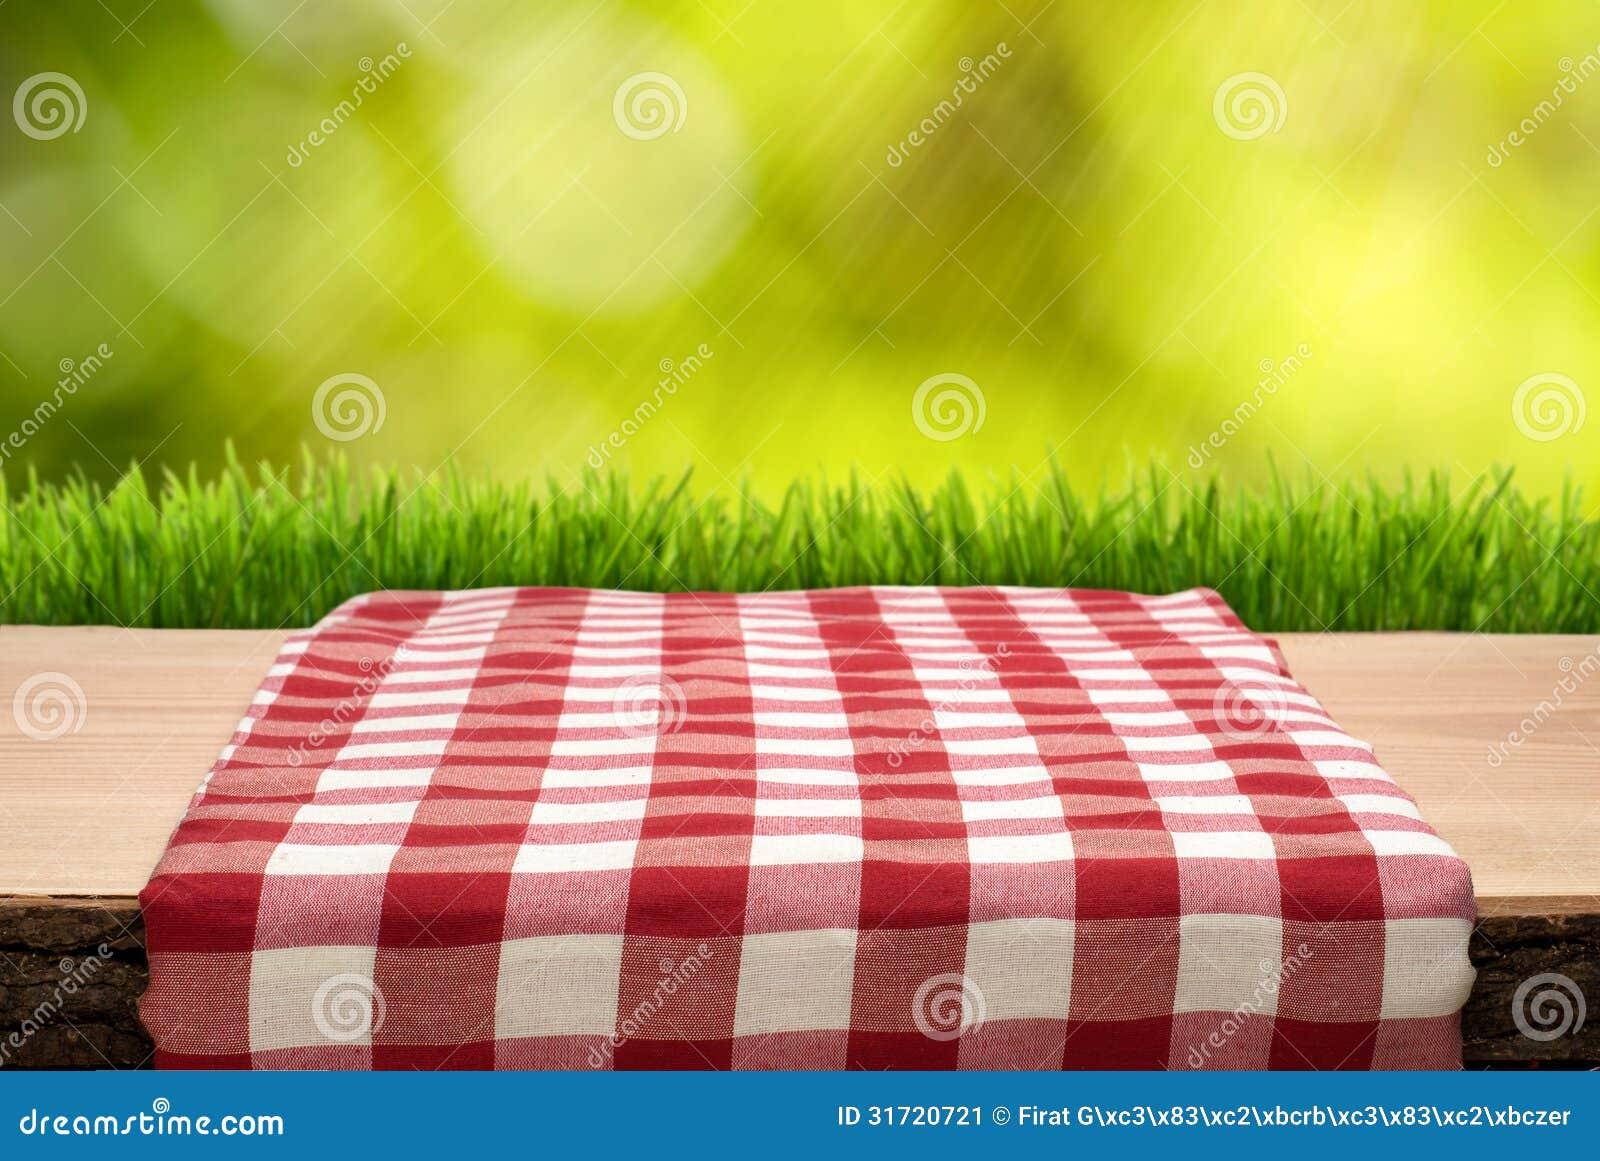 Mesa de picnic con el mantel cheched imagen de archivo for Mesa de picnic madera